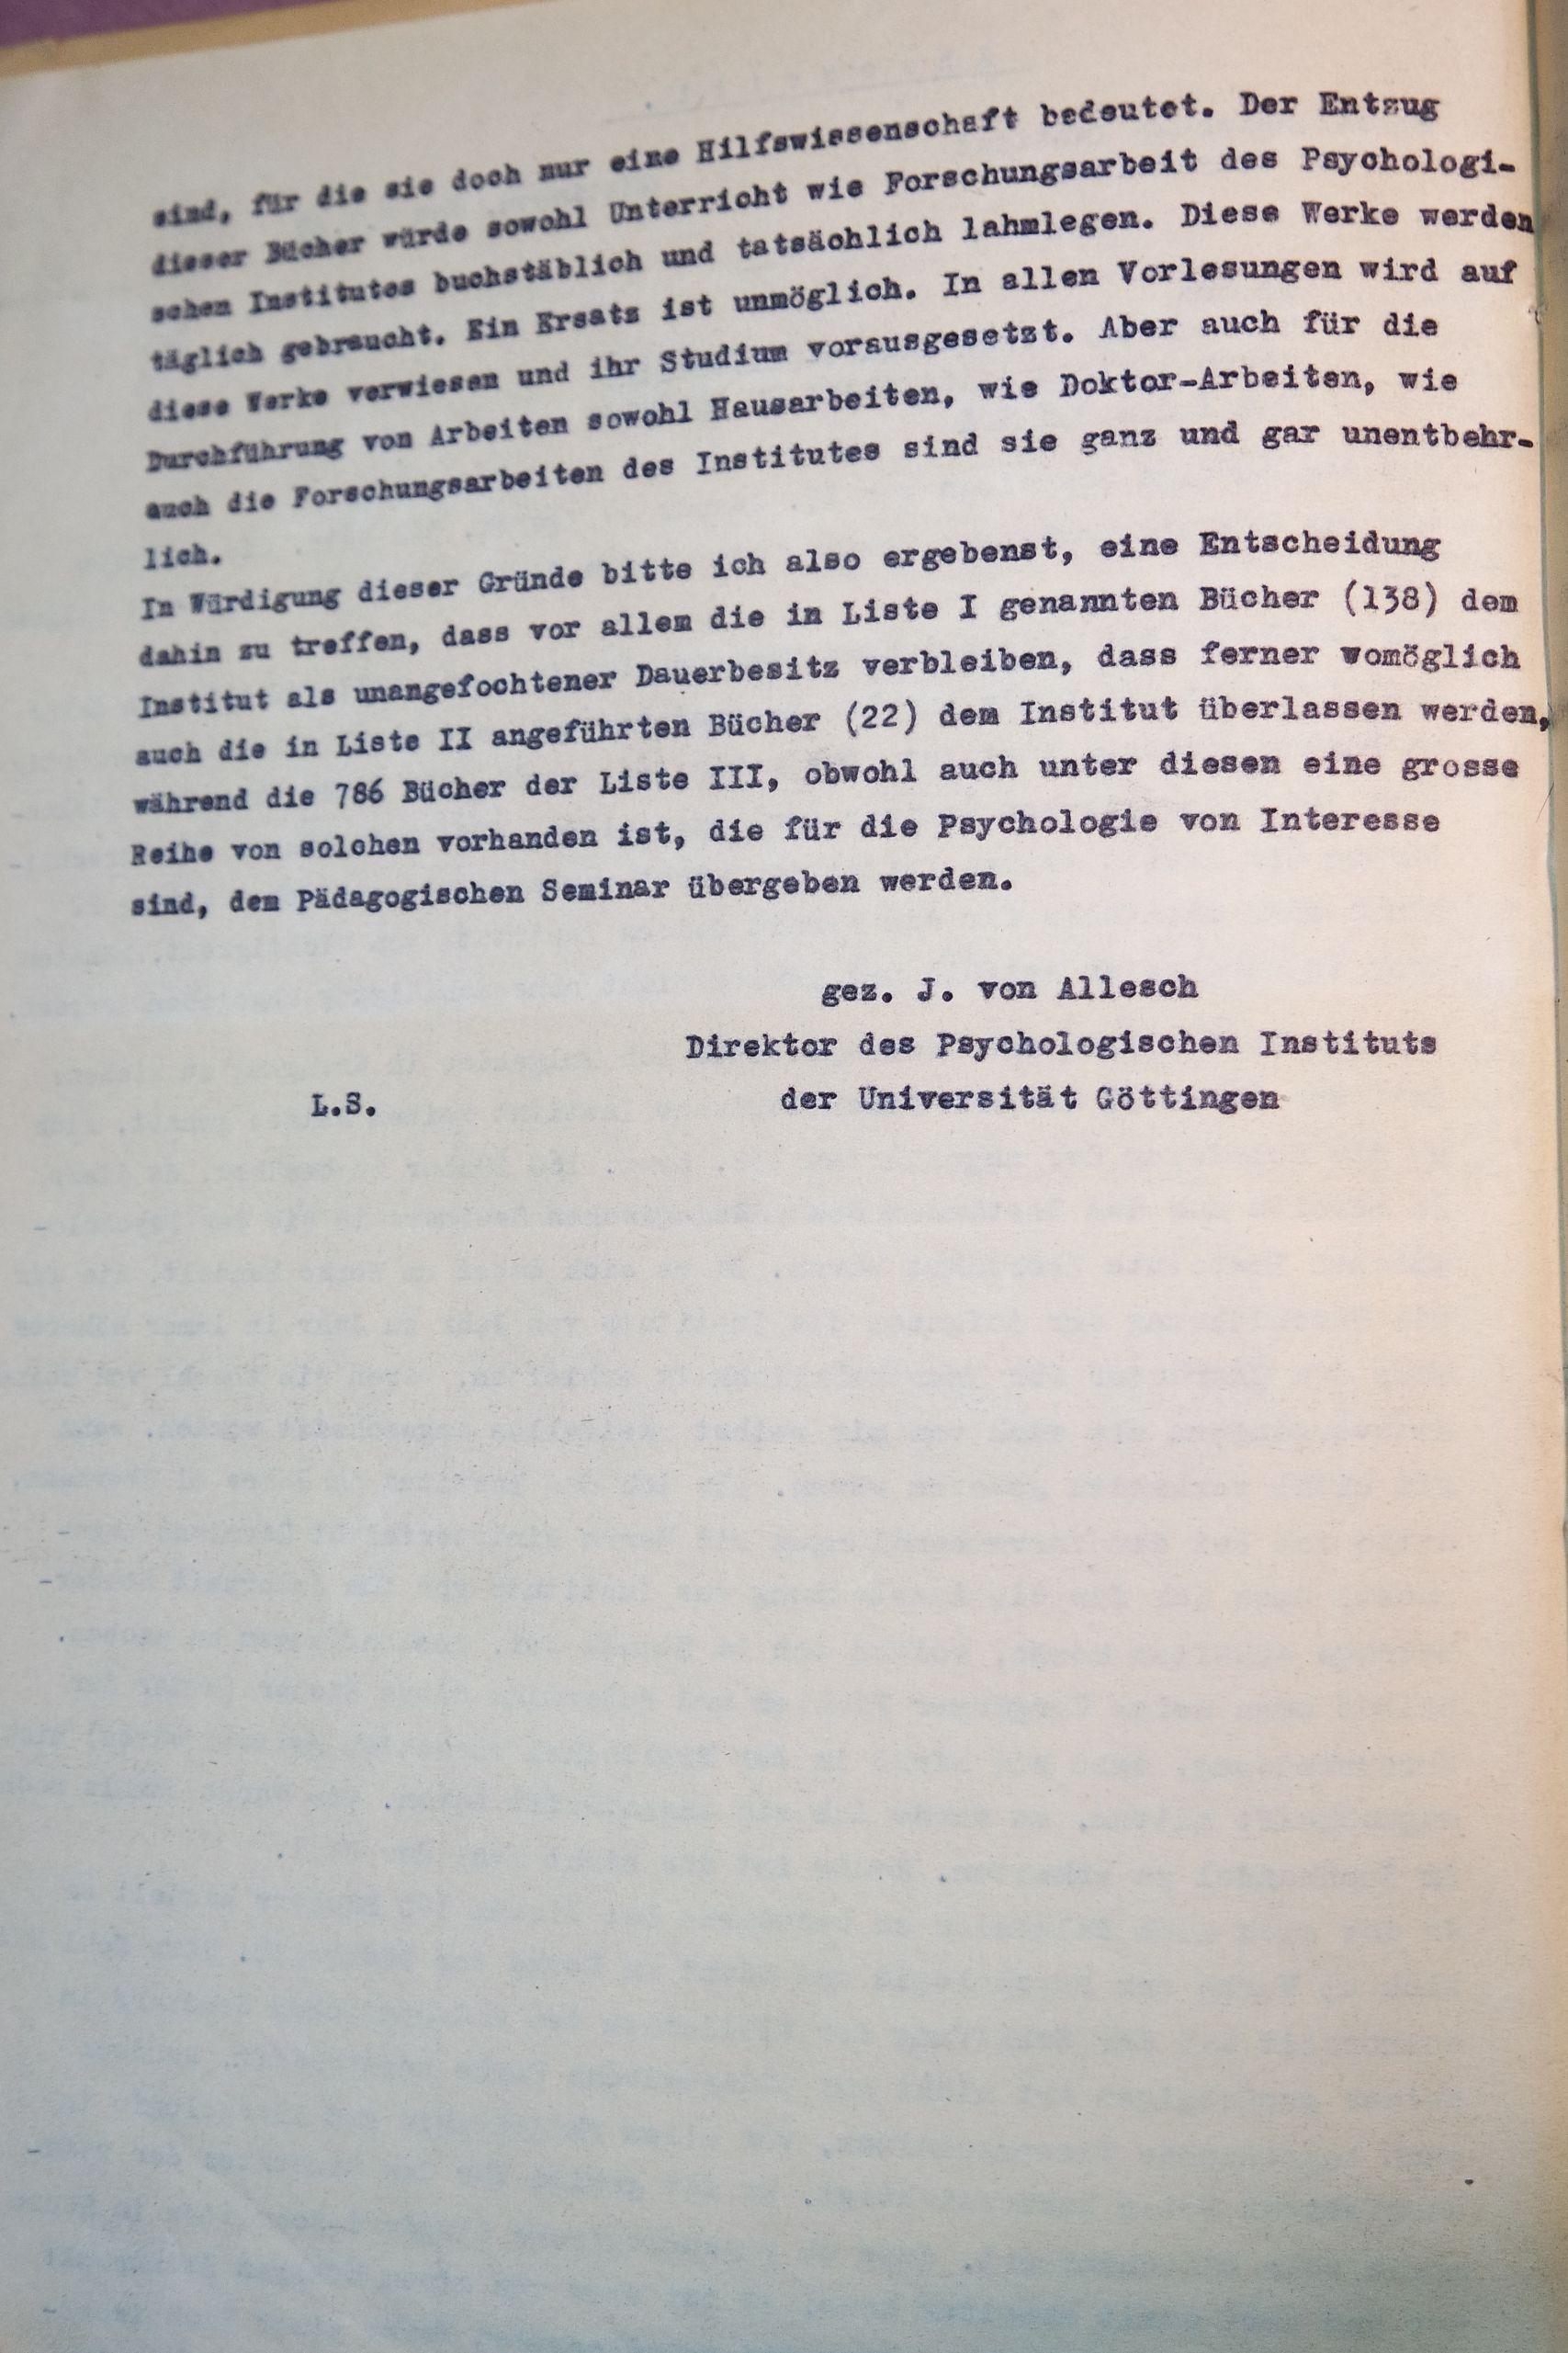 Brief von Alleschs vom 08.03.1949 an den Kurator der Universität, betreffend die Rückgabe der Bücher des Psychologischen Instituts an das Pädagogische Seminar, Seite 2. Quelle: Universitätsarchiv Göttingen, Kur. 1264, 16 (RS).